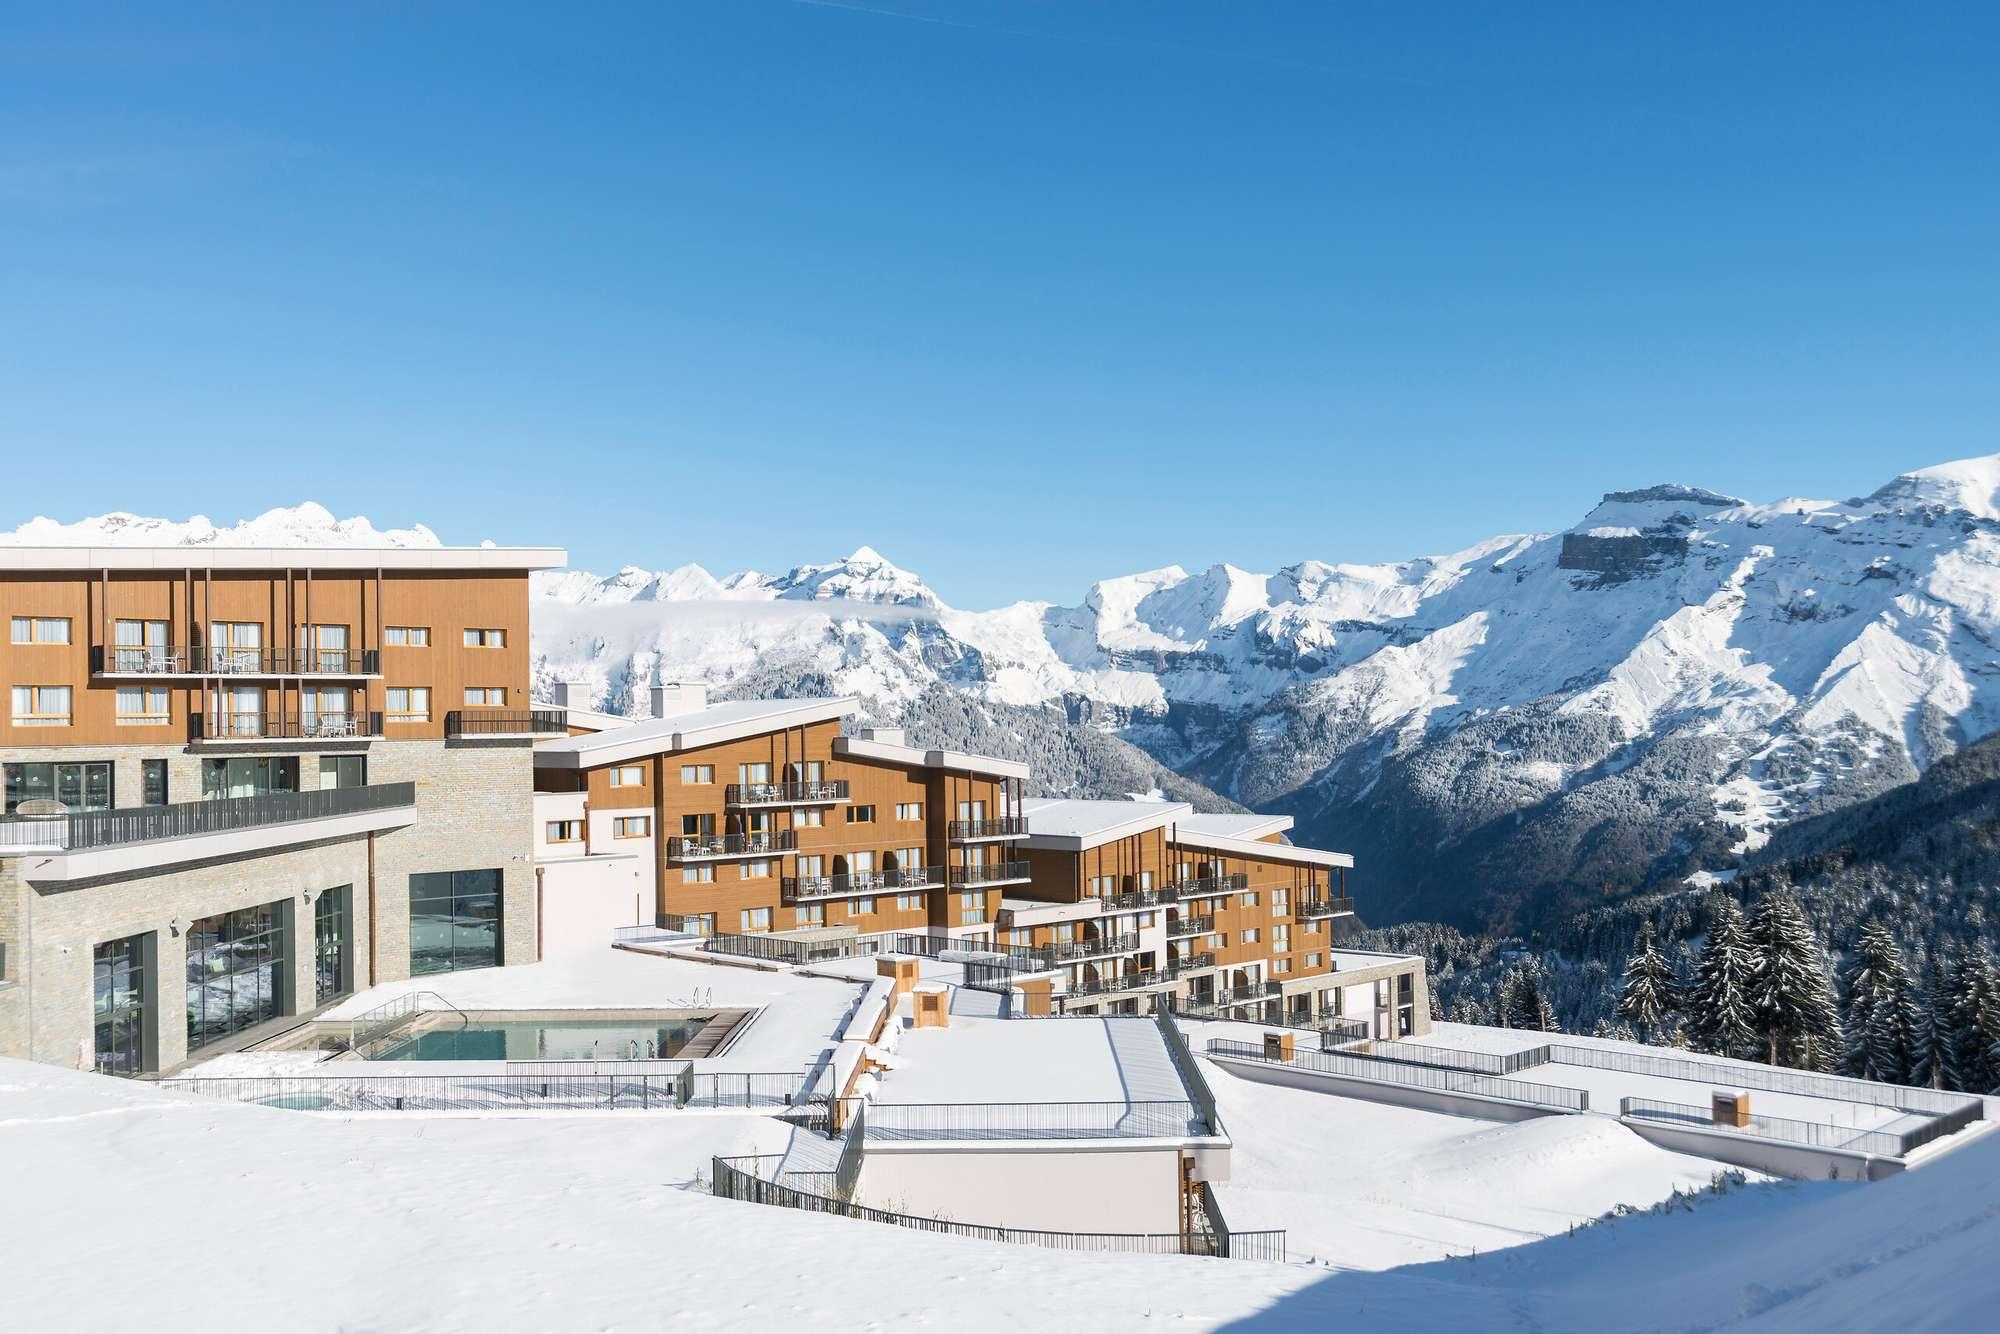 Новый флагманский горнолыжный курорт для всей семьи во Франции